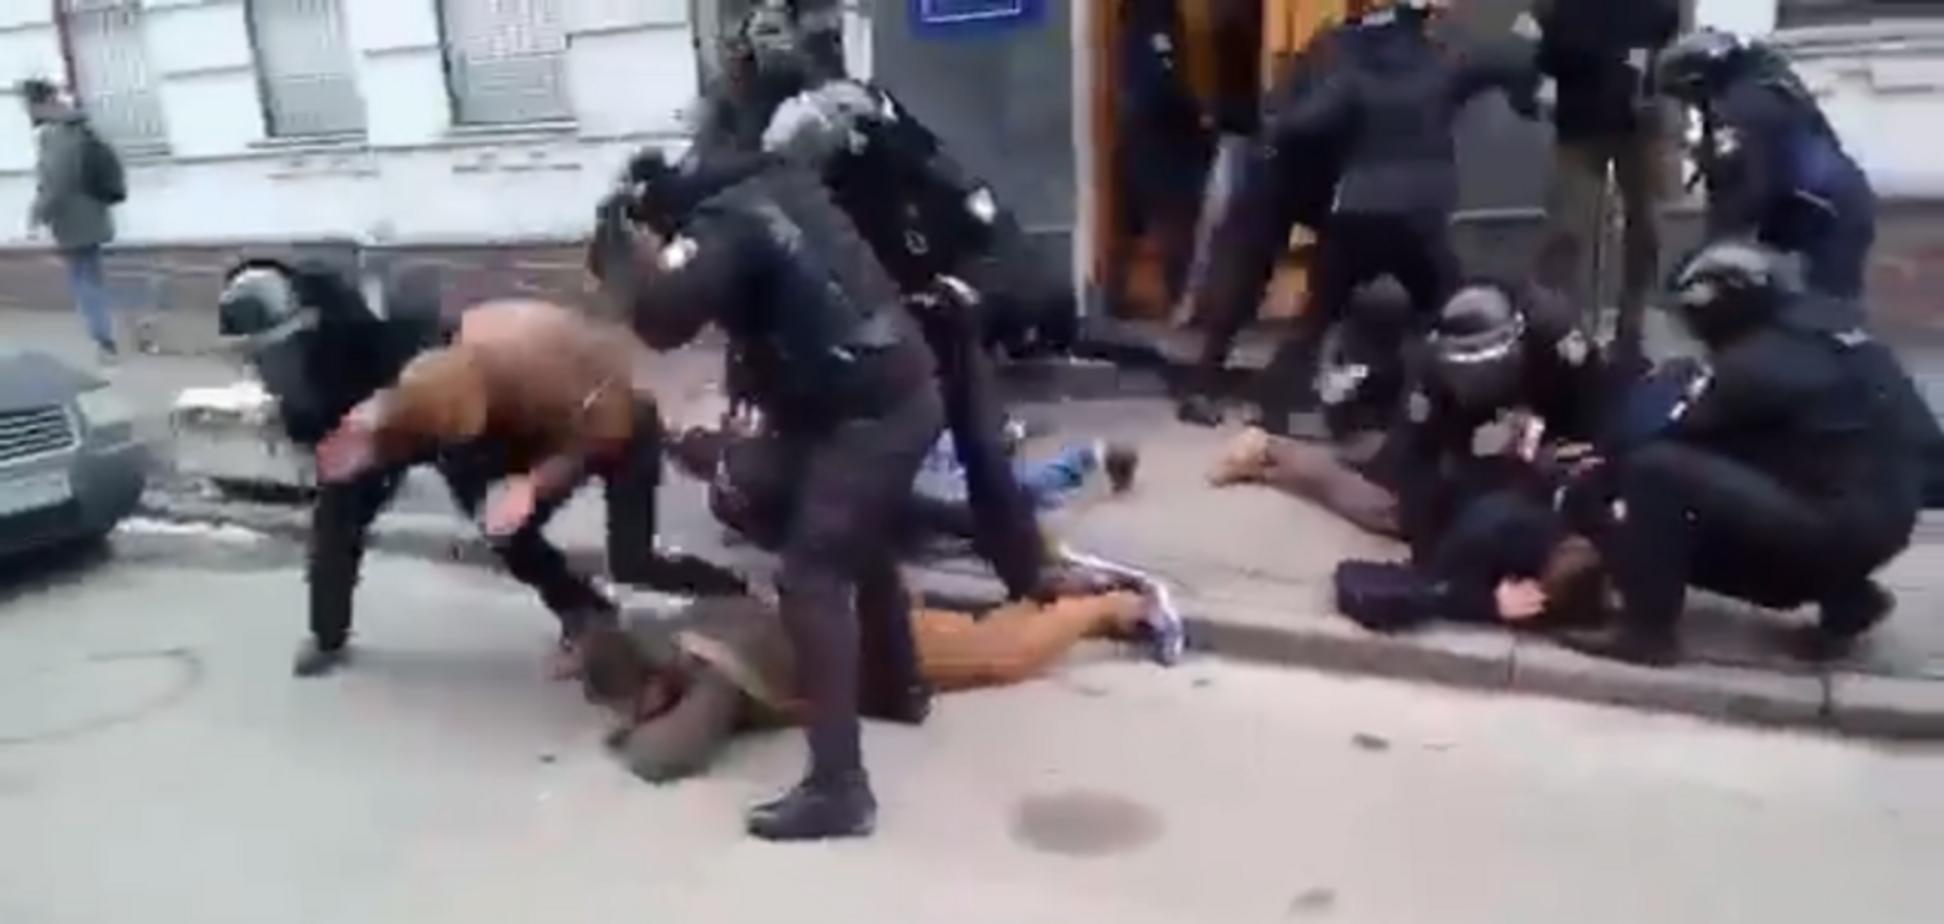 ''Убий його нах*й'': опубліковано жорстке відео бійки з поліцією в Києві. Кадри 18+